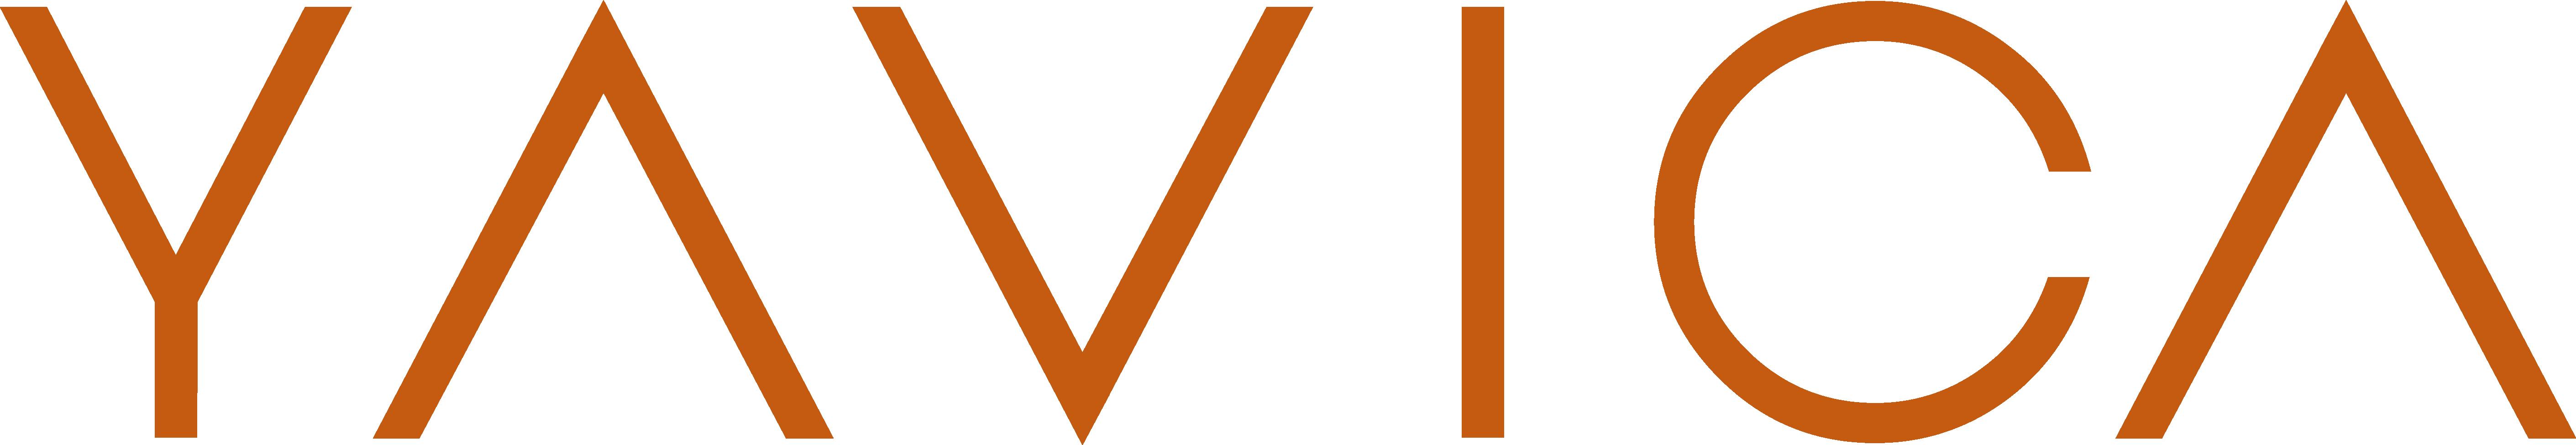 Yavica